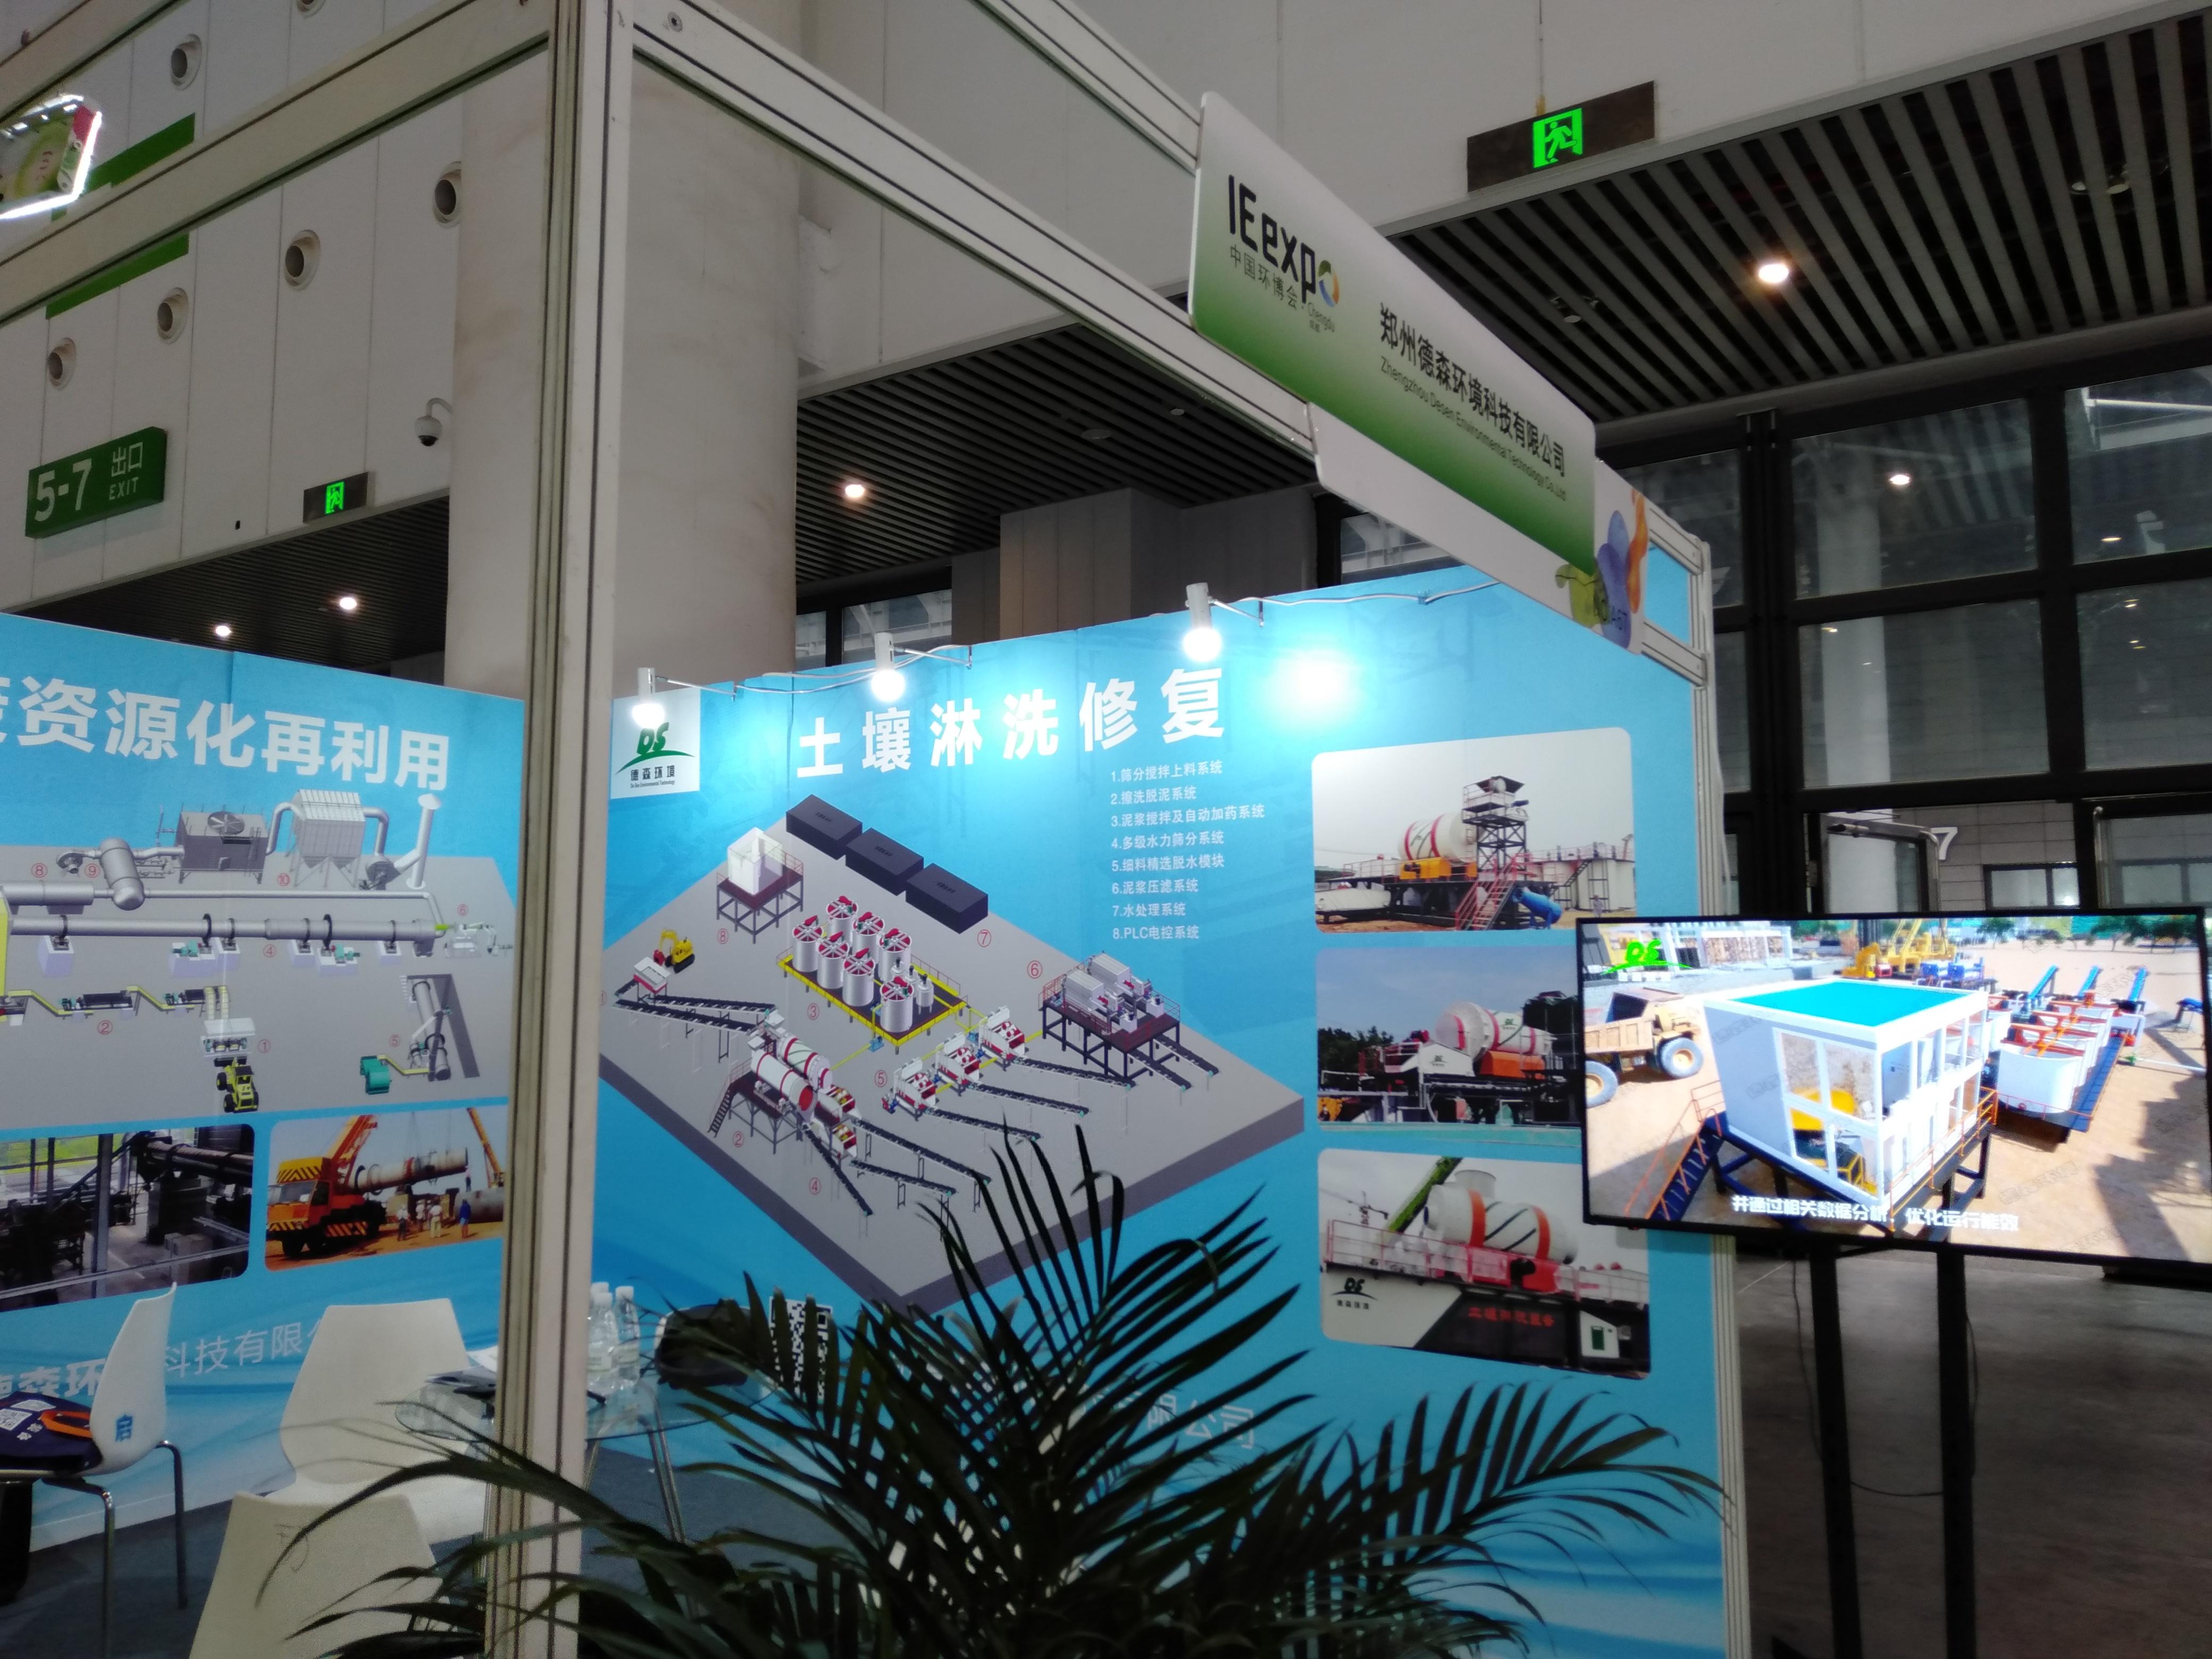 第3屆 中國環博會成都展 德森環境